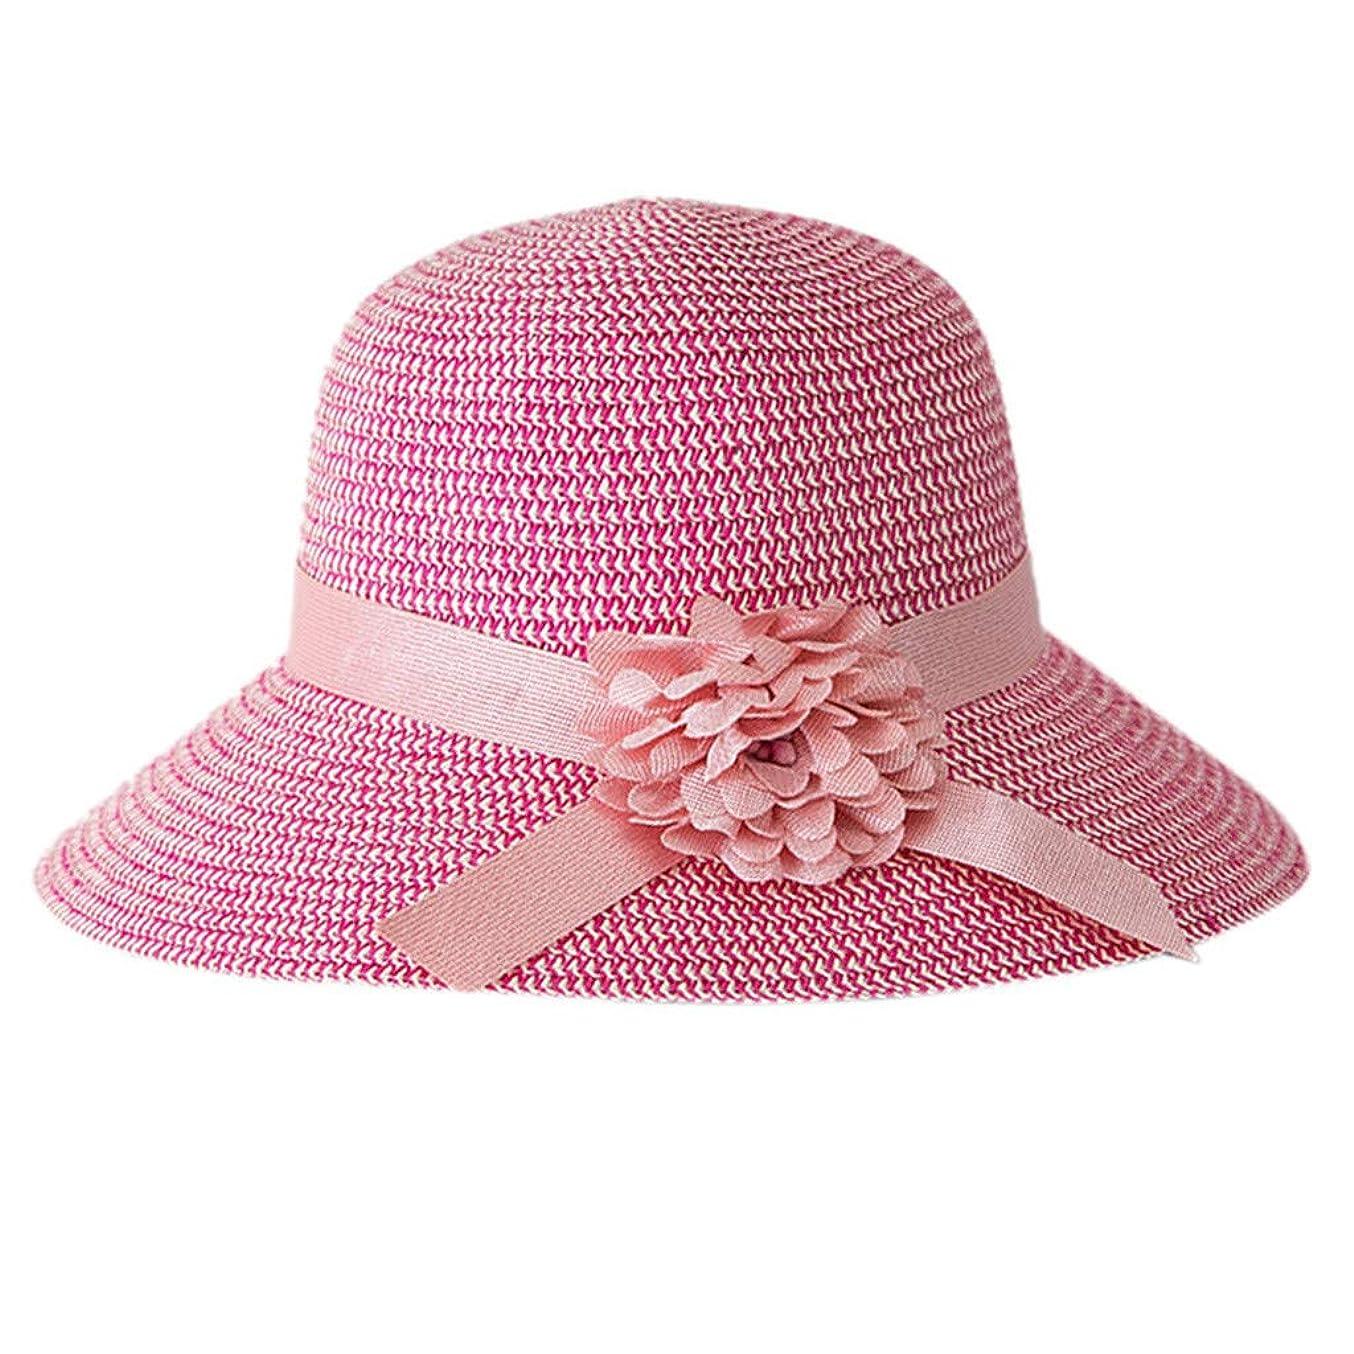 洋服忠実なアルネ日よけ帽子 レディース ハット 帽子 日よけ サンバイザー ウォーキング UVカット ハット 紫外線対策 可愛い 小顔効果抜群 大きいサイズ つば広 折りたたみ ハット レディース 夏 春 アウトドア 無地 花 ROSE ROMAN